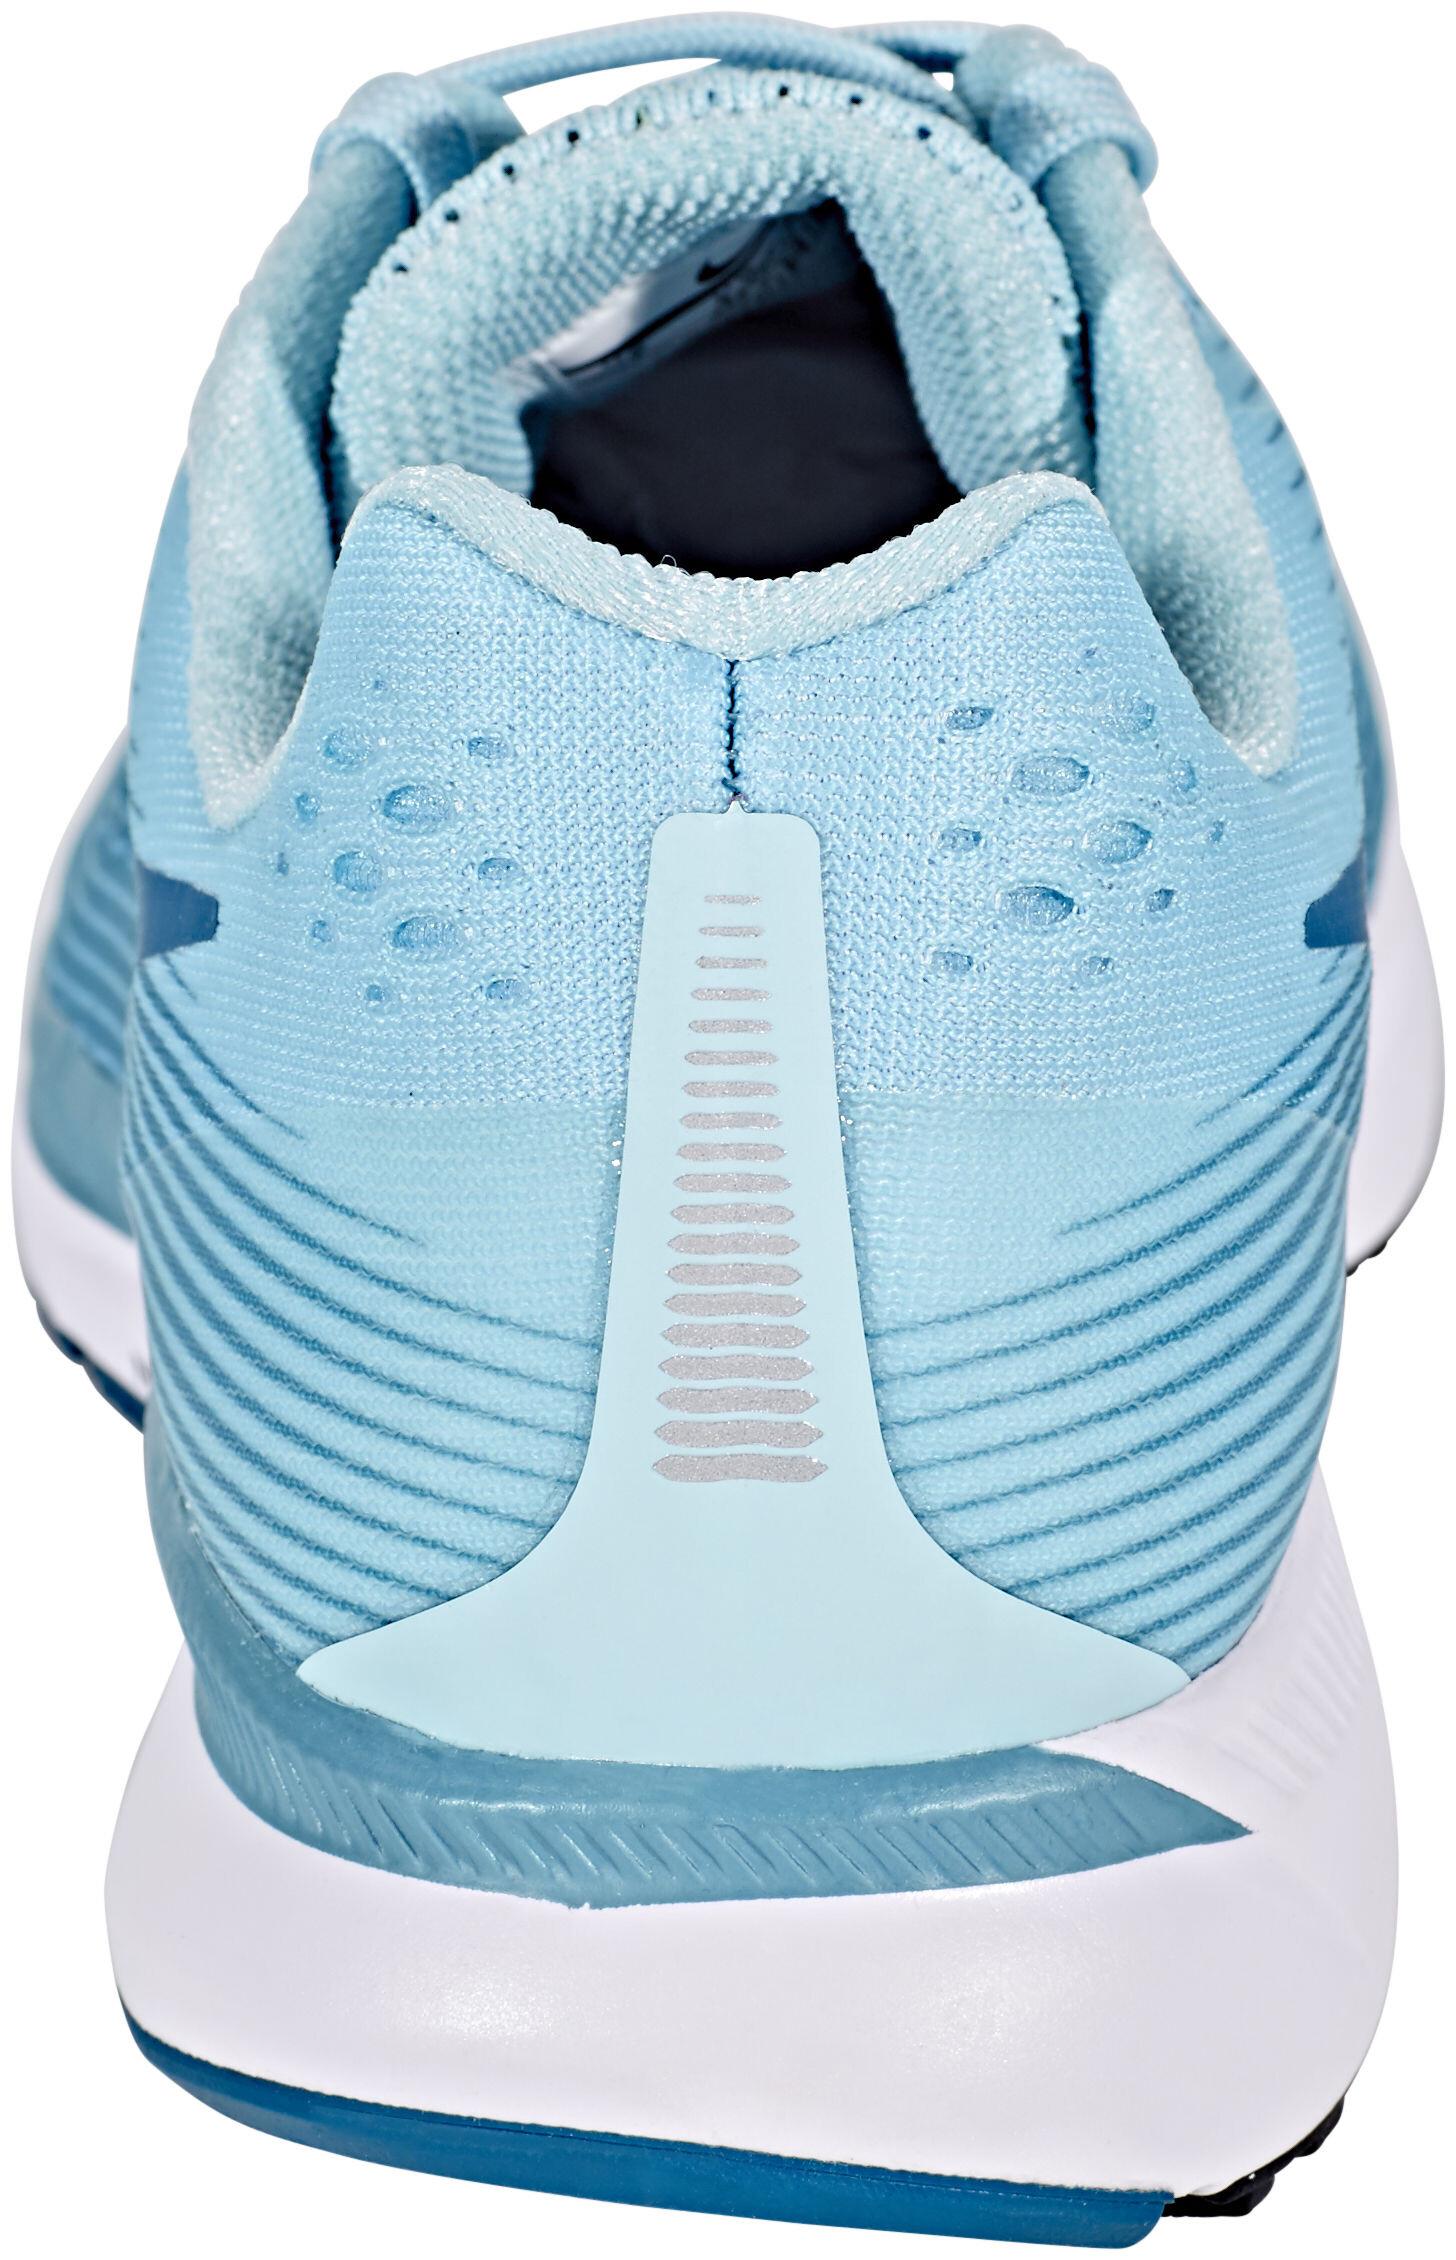 nike air zoom pegasus 34 running shoes women blue at